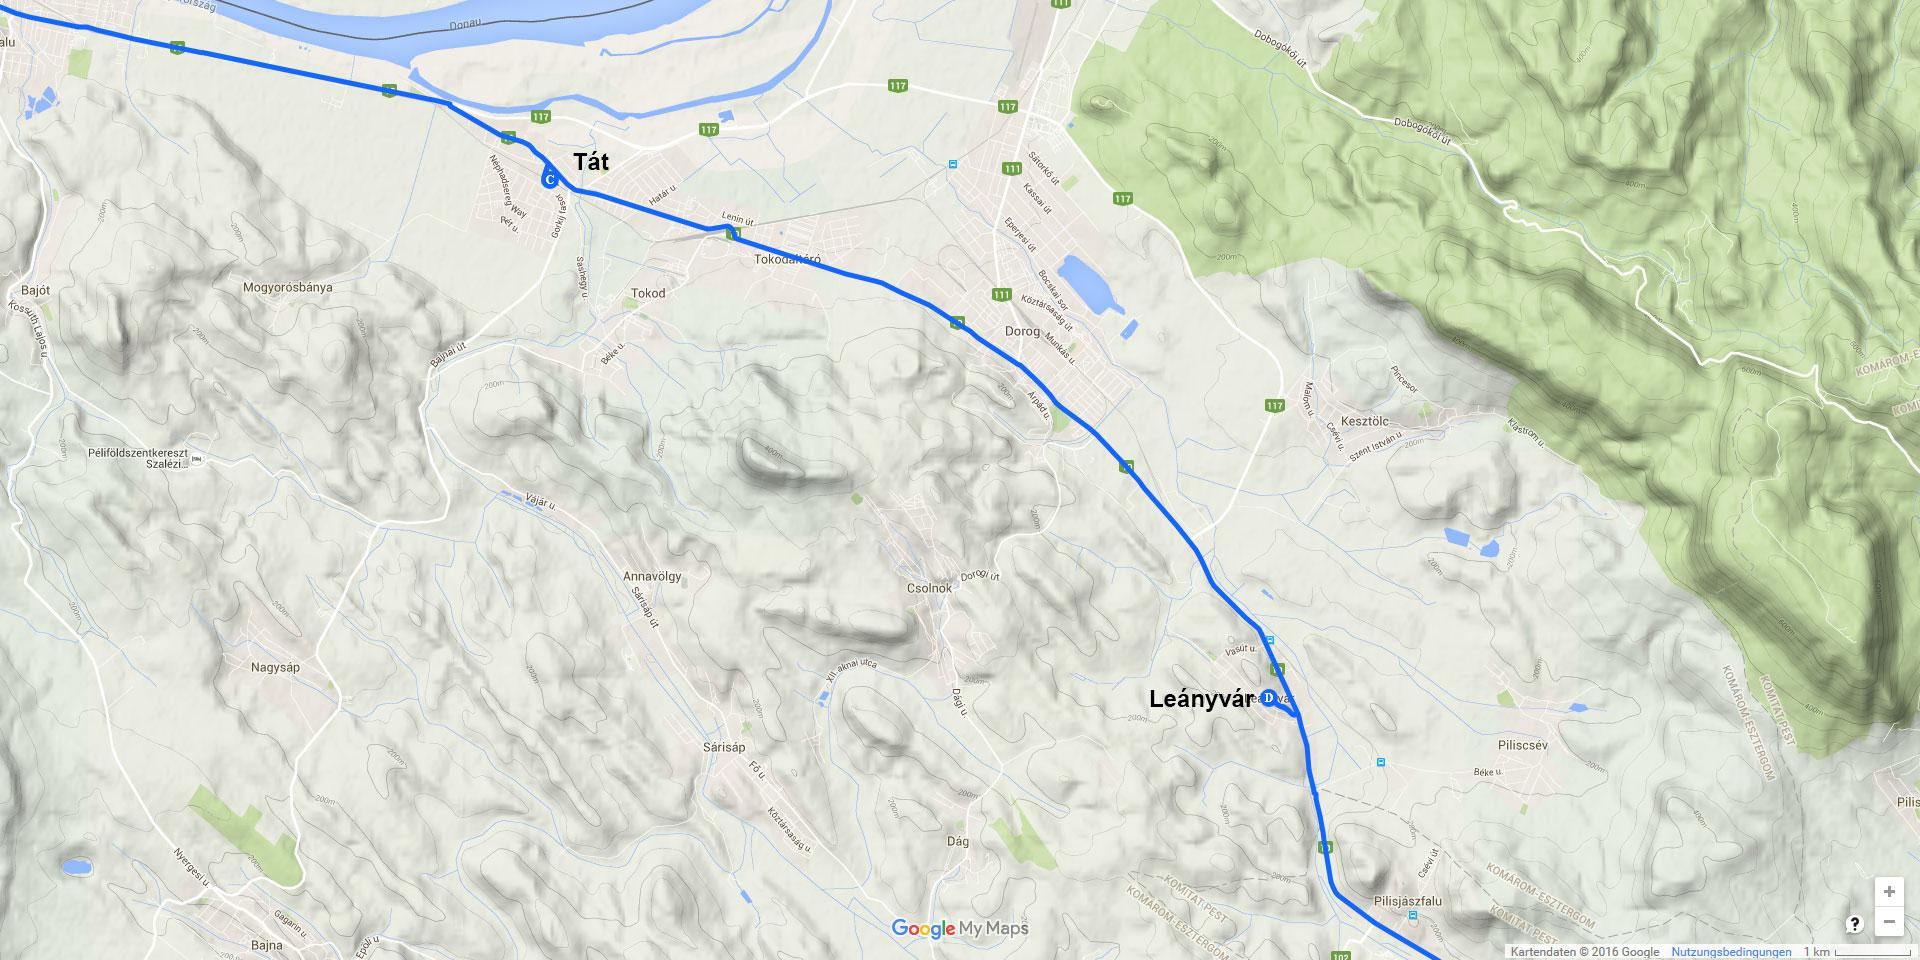 Die Tagesstrecke von Tát nach Leányvár (13 km)